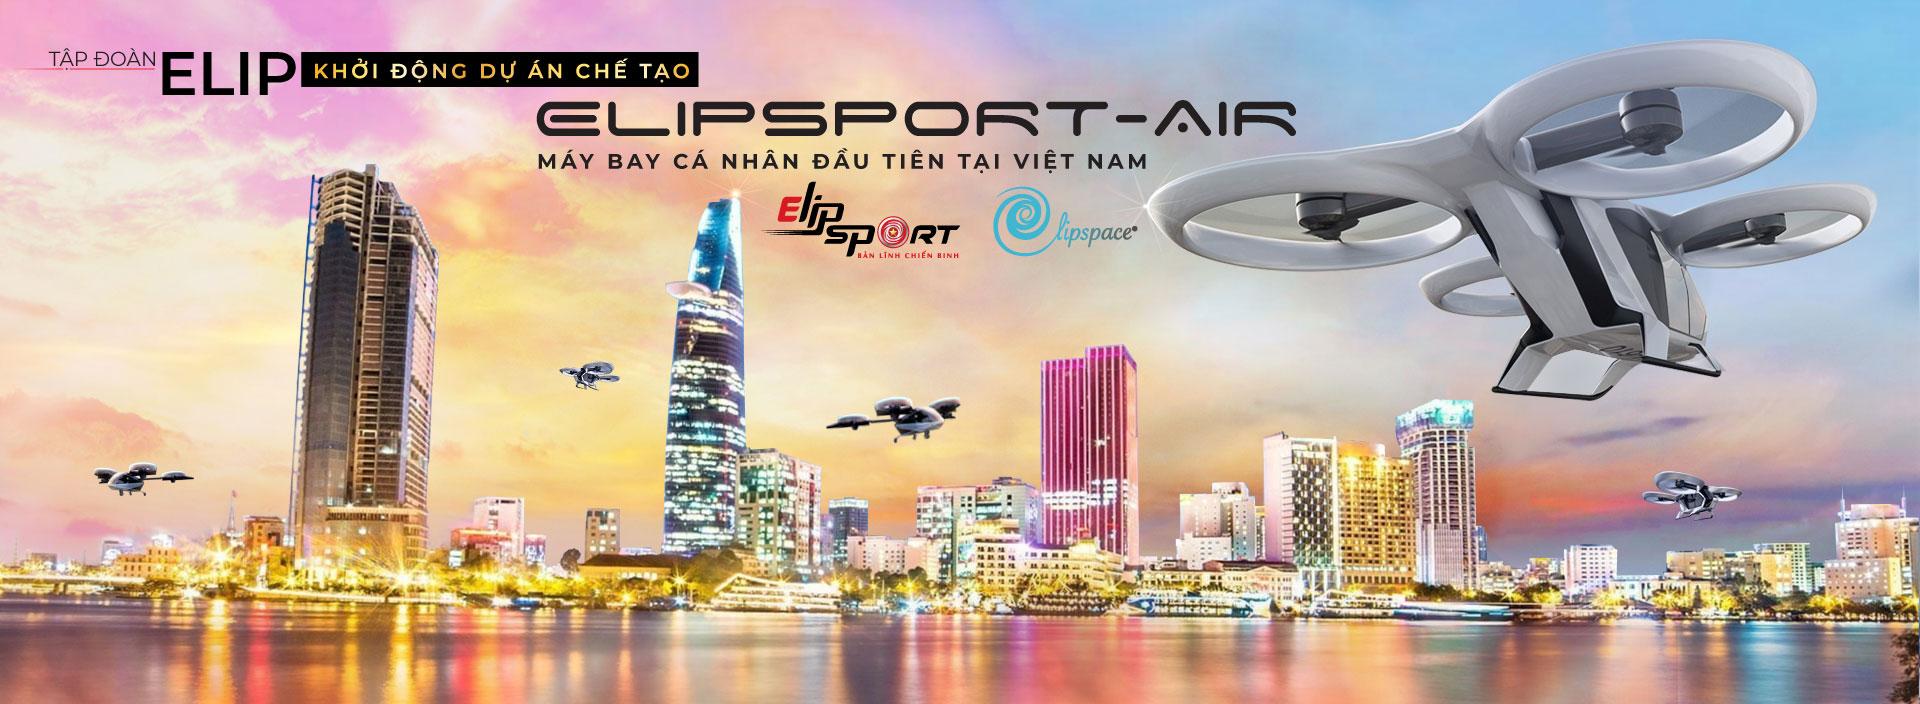 Tập đoàn ELIP khởi công dự án ELIPSPORT - AIR - Máy bay cá nhân do người Việt sản xuất - ảnh 1